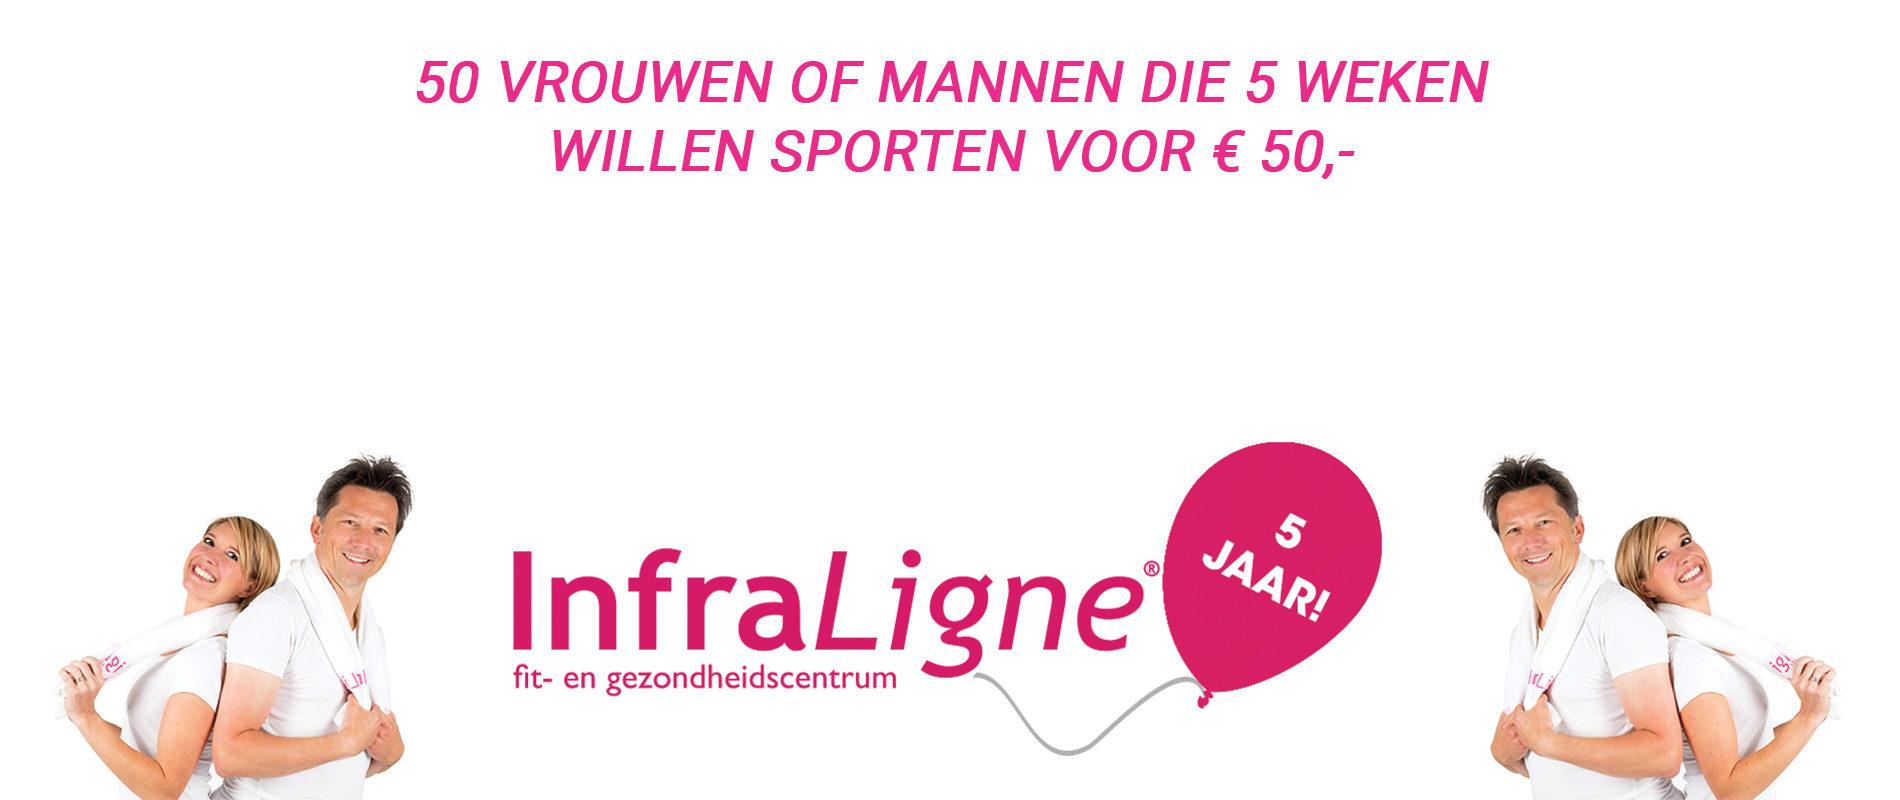 ActieInfraLigne_Tilburg5Jaar